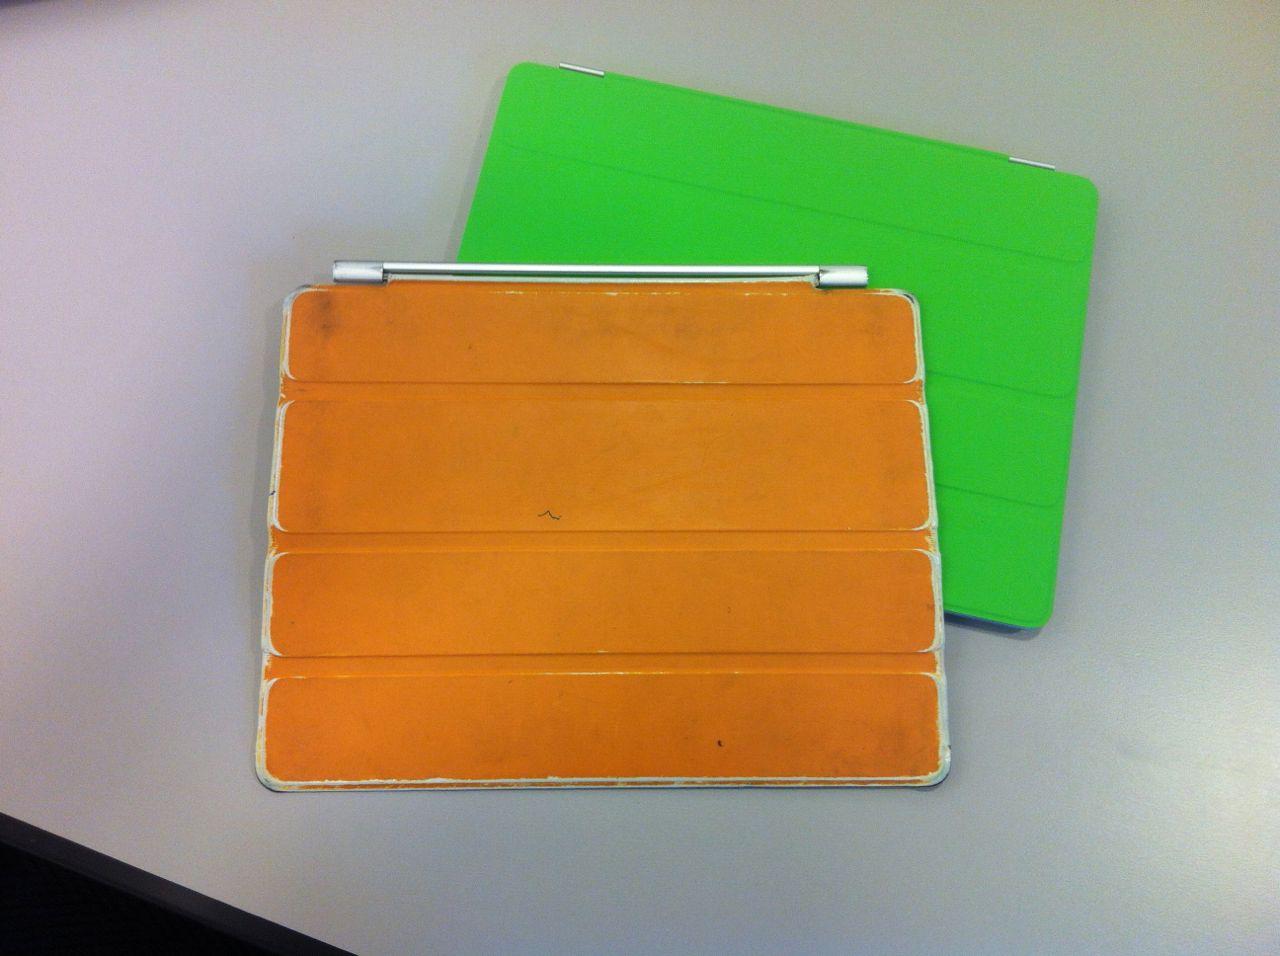 kens-new-ipad-cover